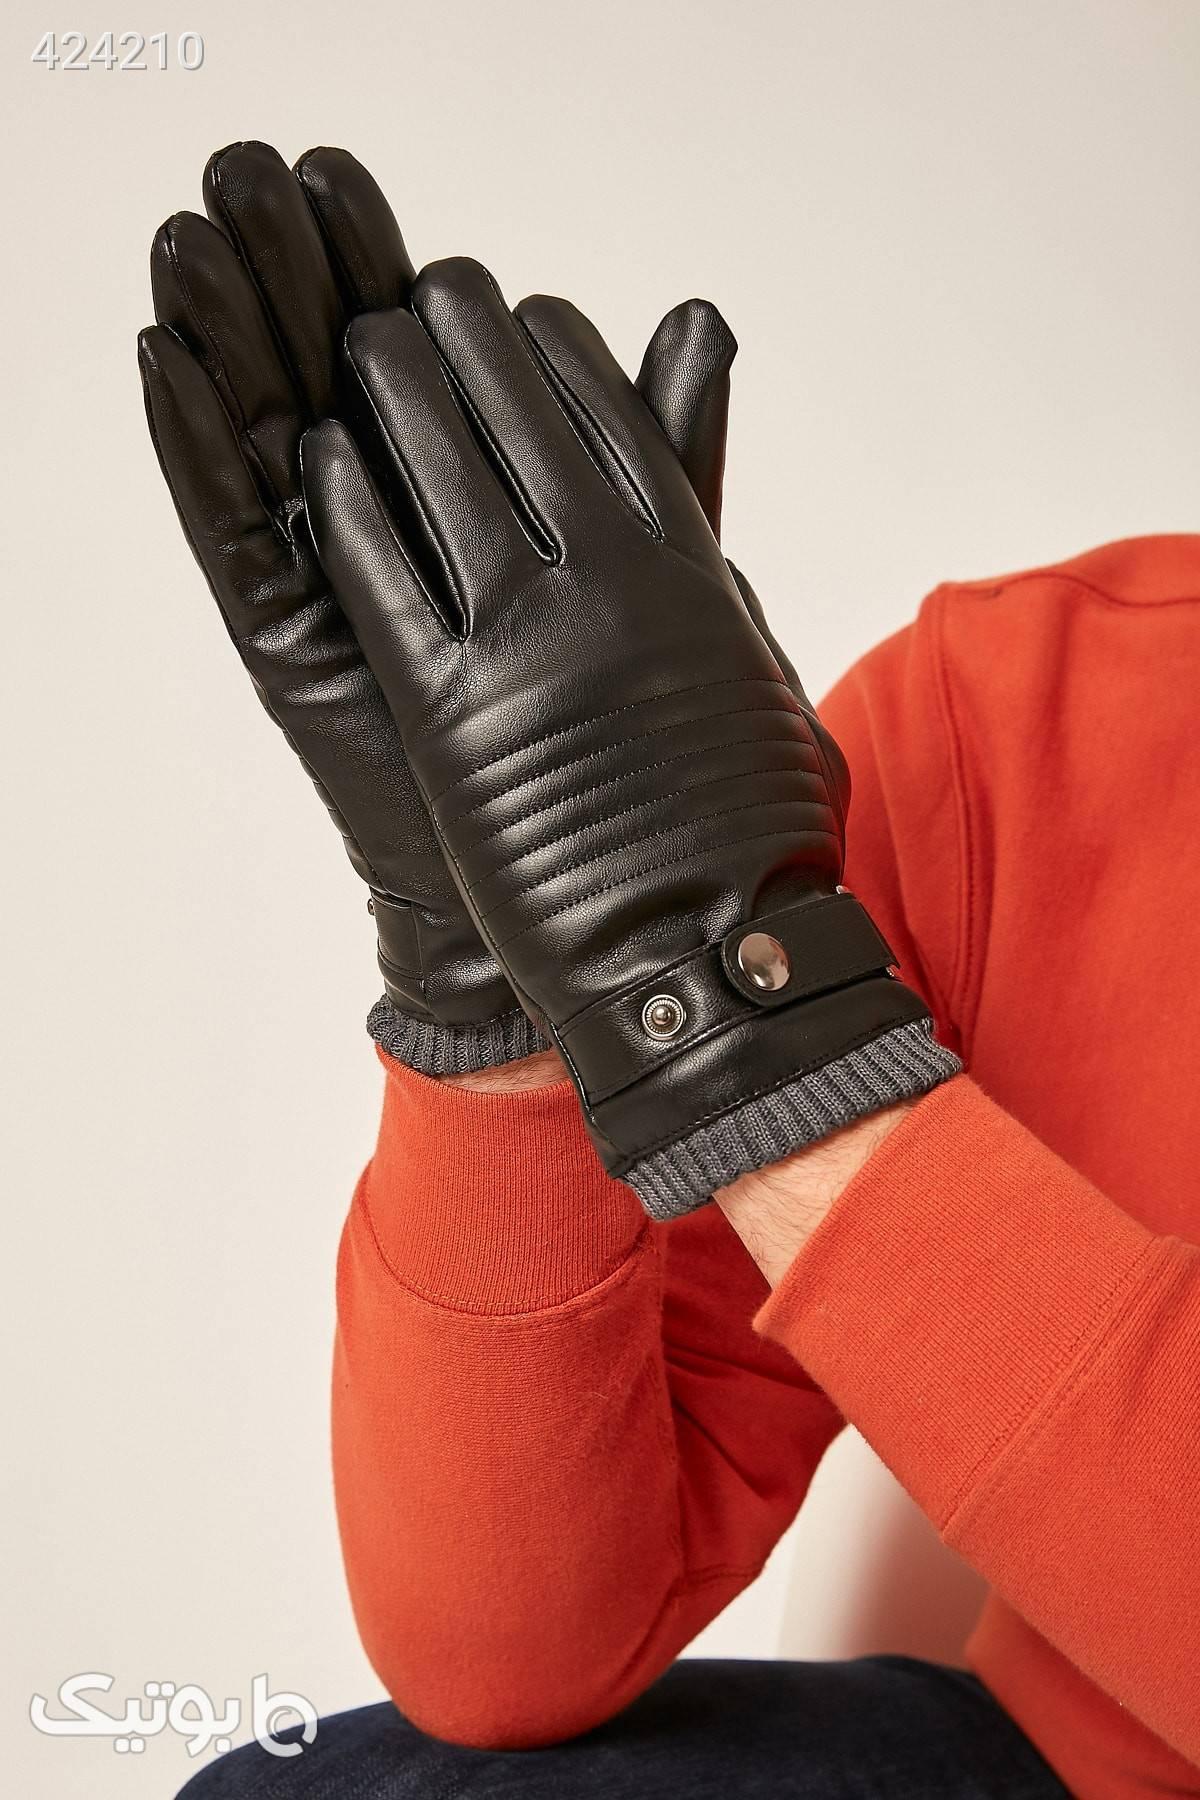 دستکش مشکی گارنیلی بافتنی چرم مردانه برند Axesoire کد 1585375834 مشکی کلاه بافت و شال گردن و دستکش